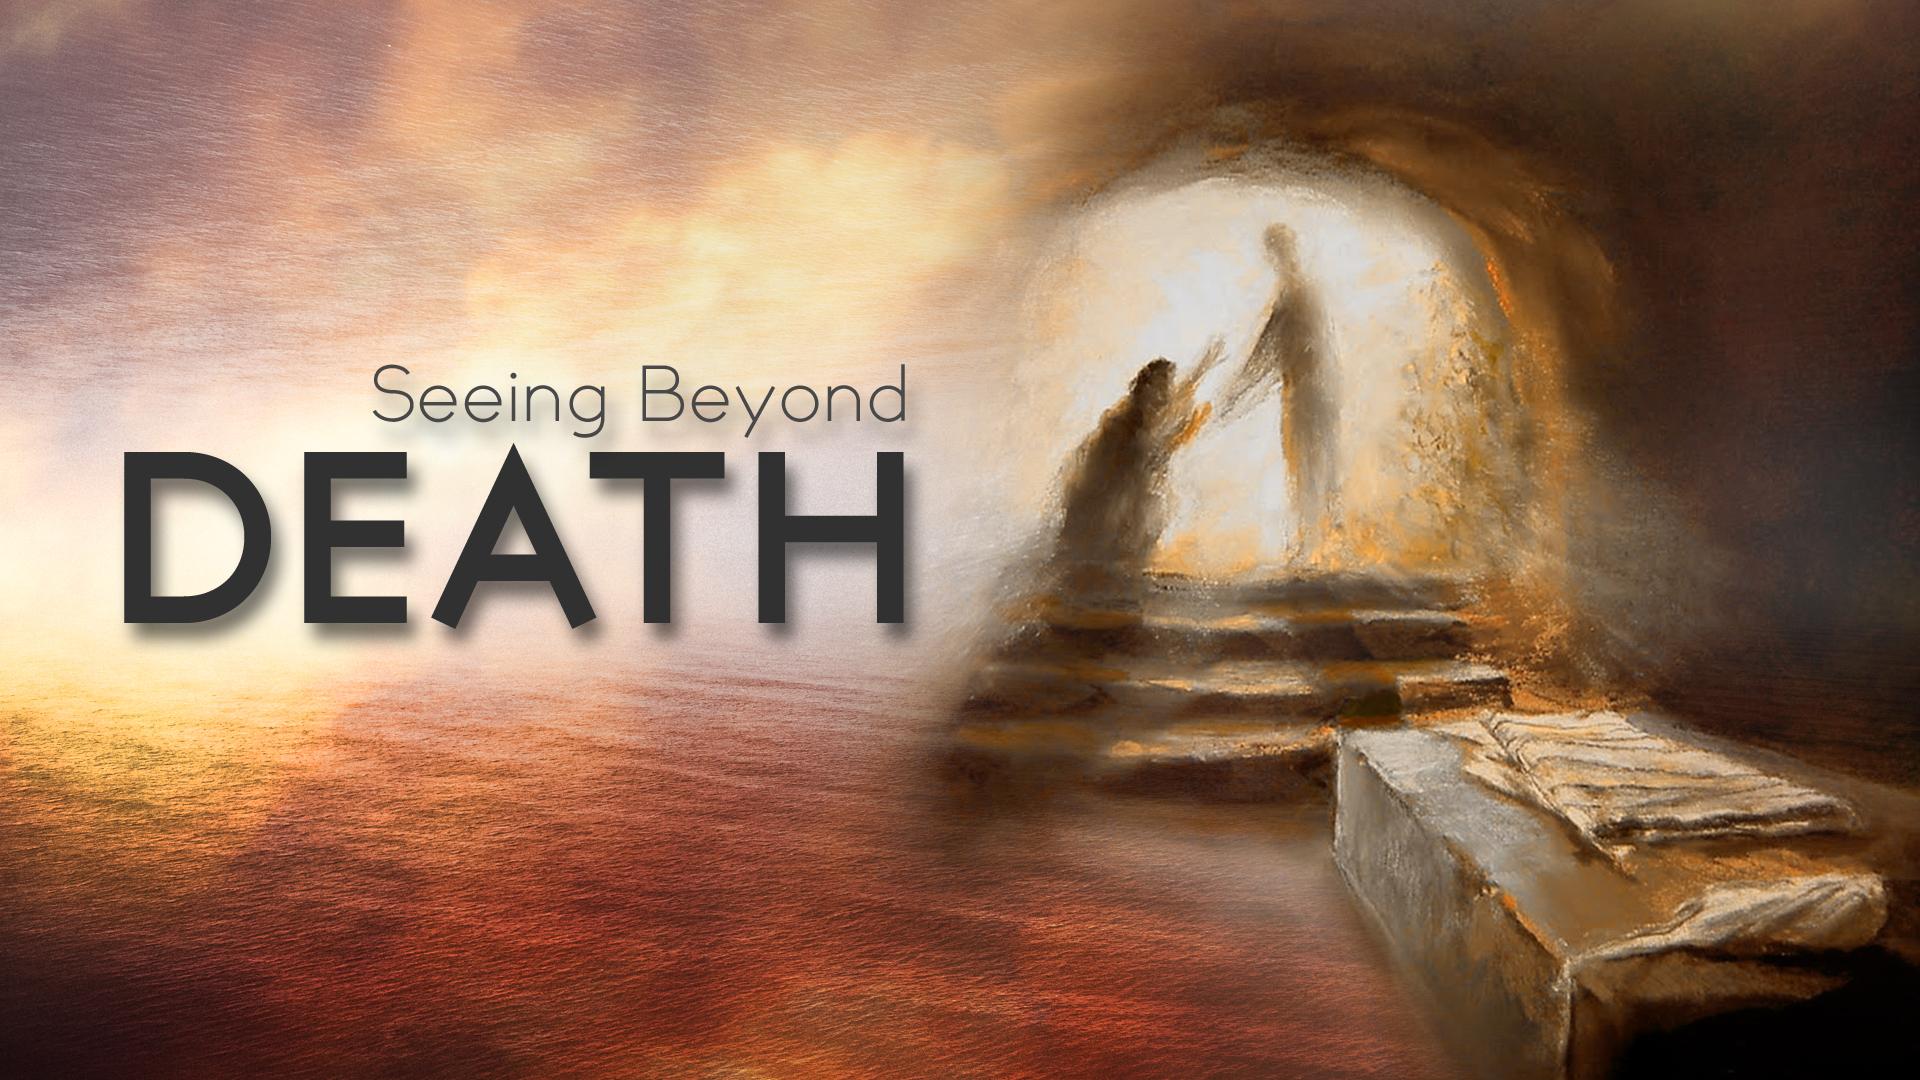 Seeing Beyond Death